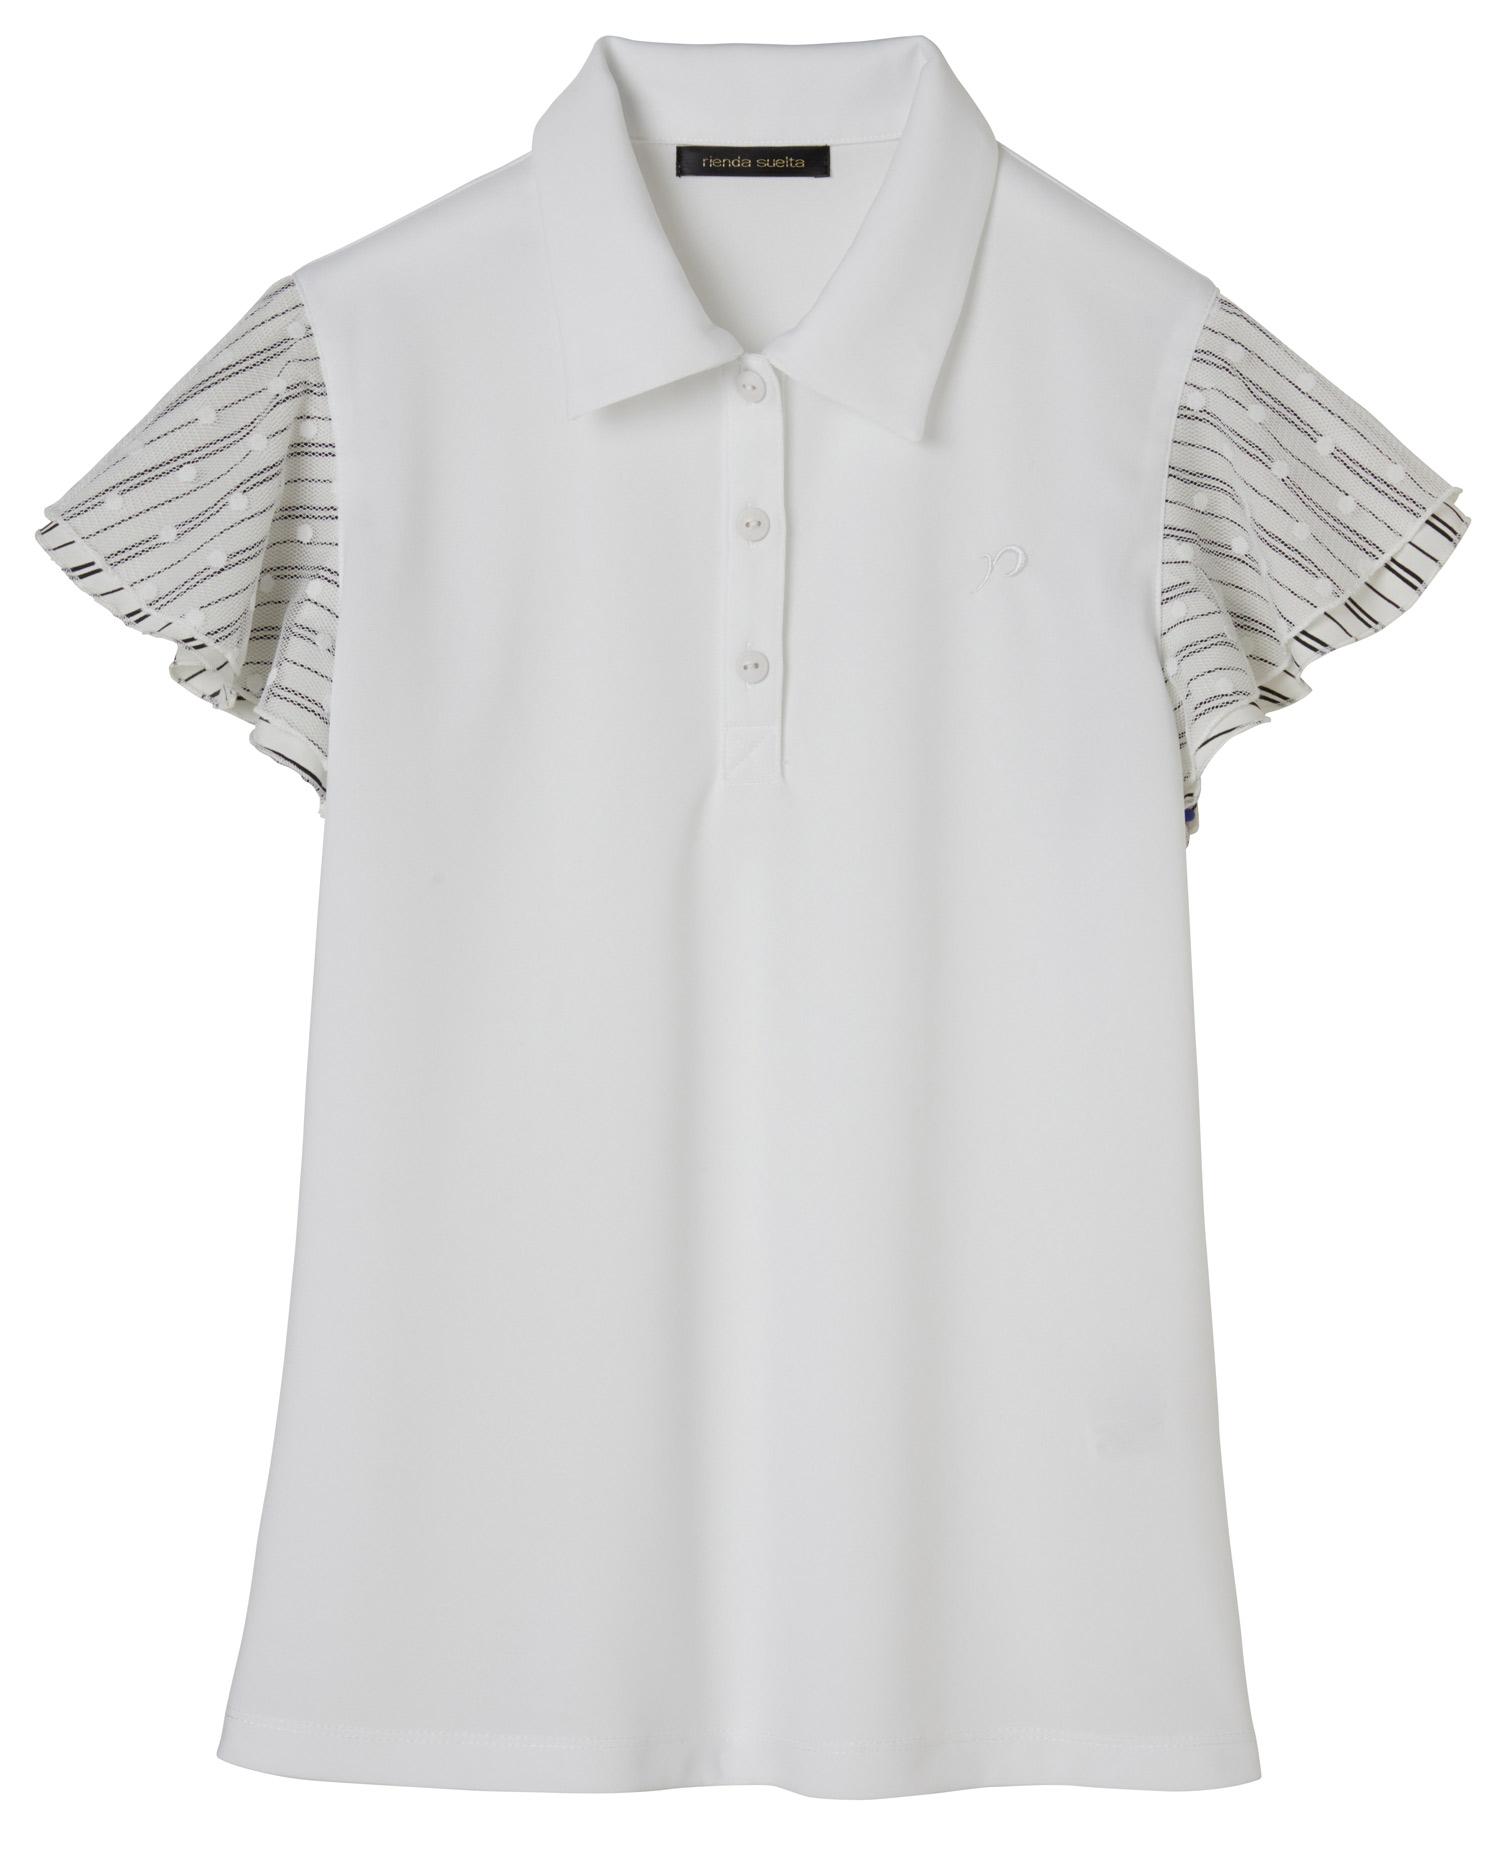 ストライプ×ドット ポロシャツ